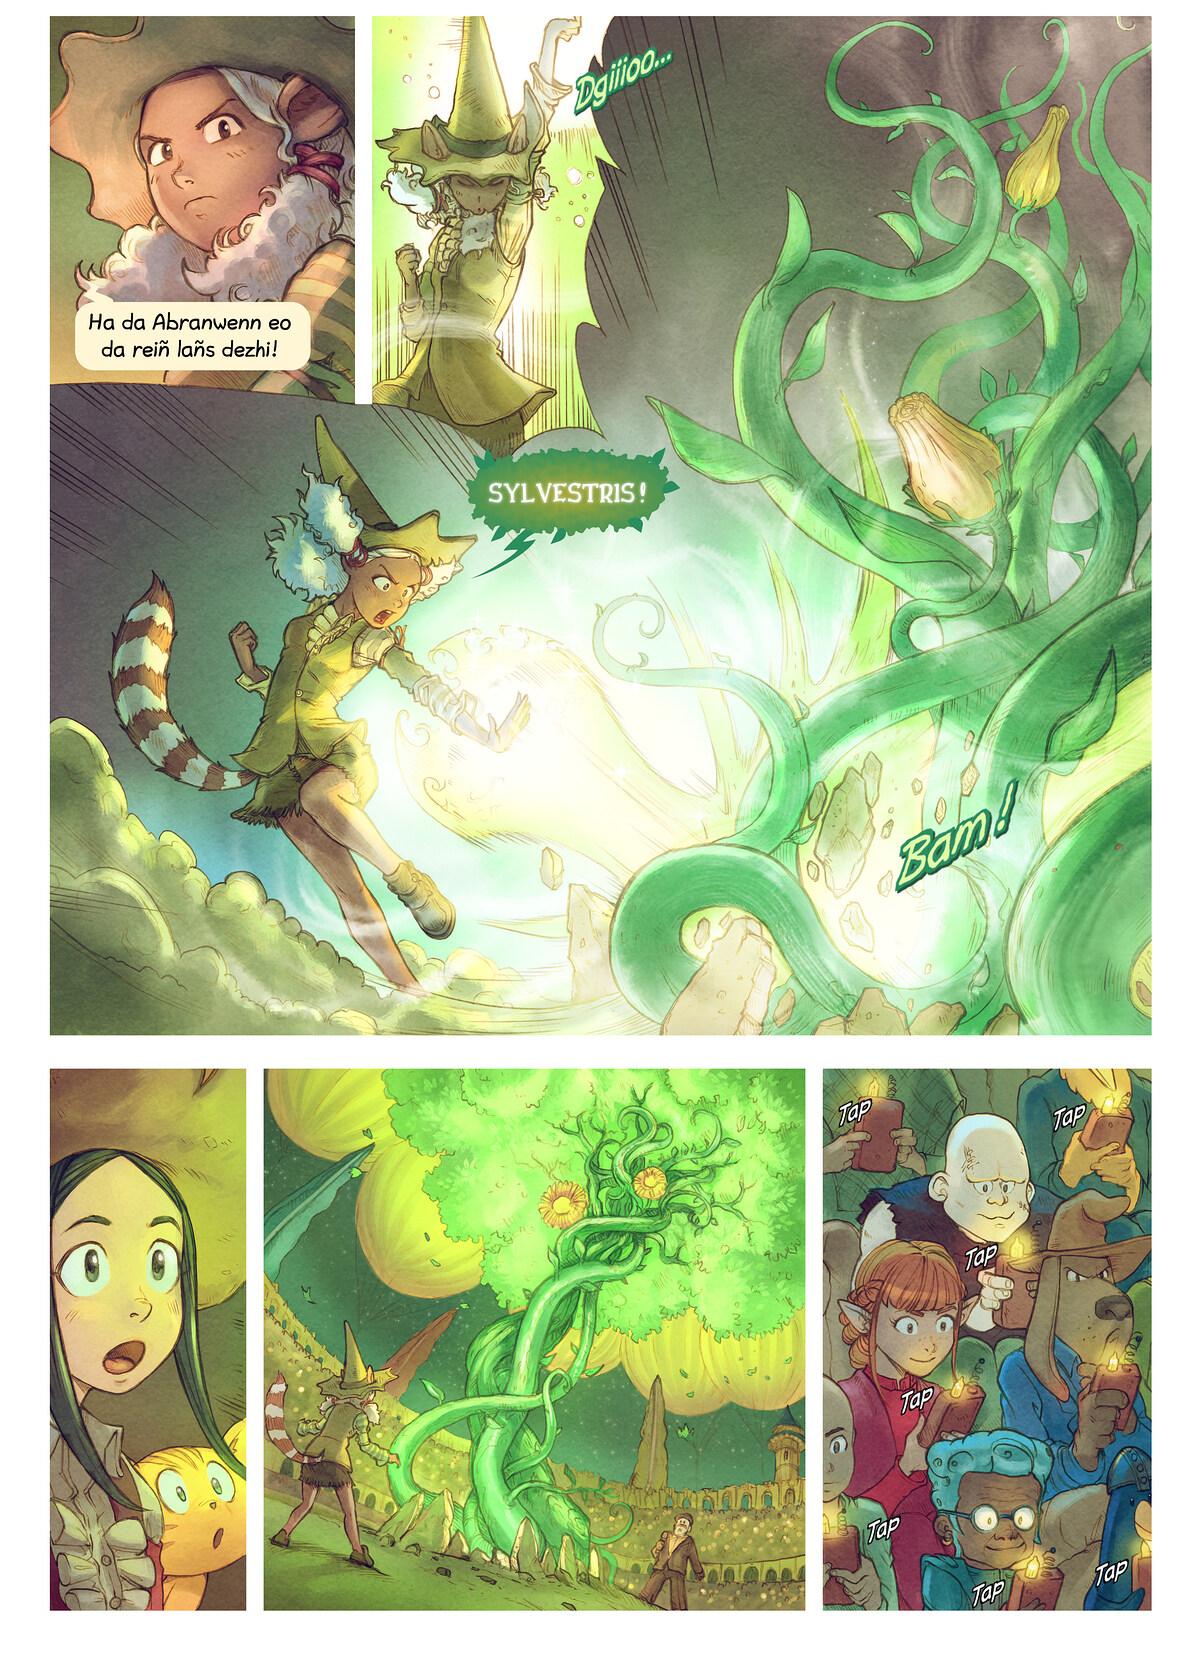 Rann 22: An doare da vouezhiañ, Page 5